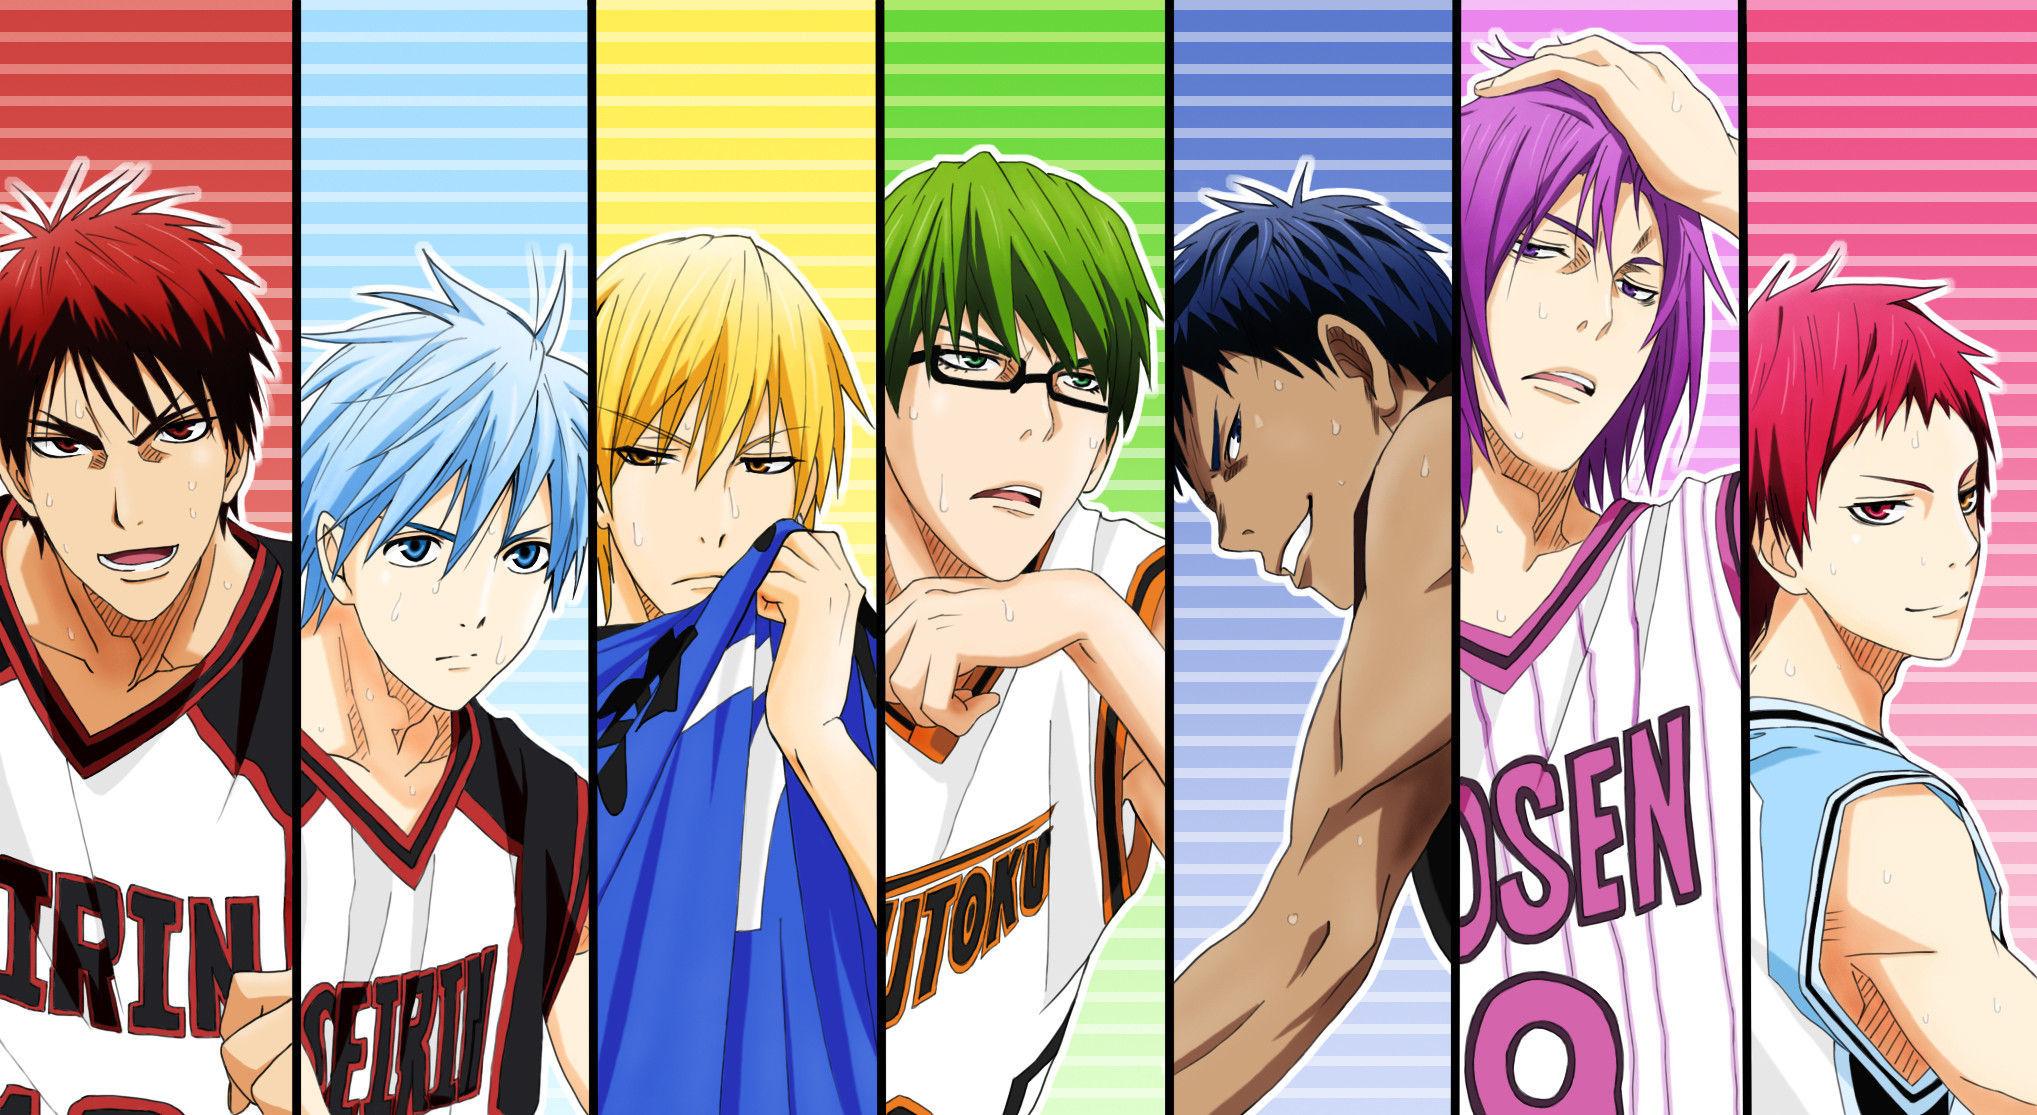 9244 - ¿Conoces a todos los personajes de Kuroko no basket? (Facil)